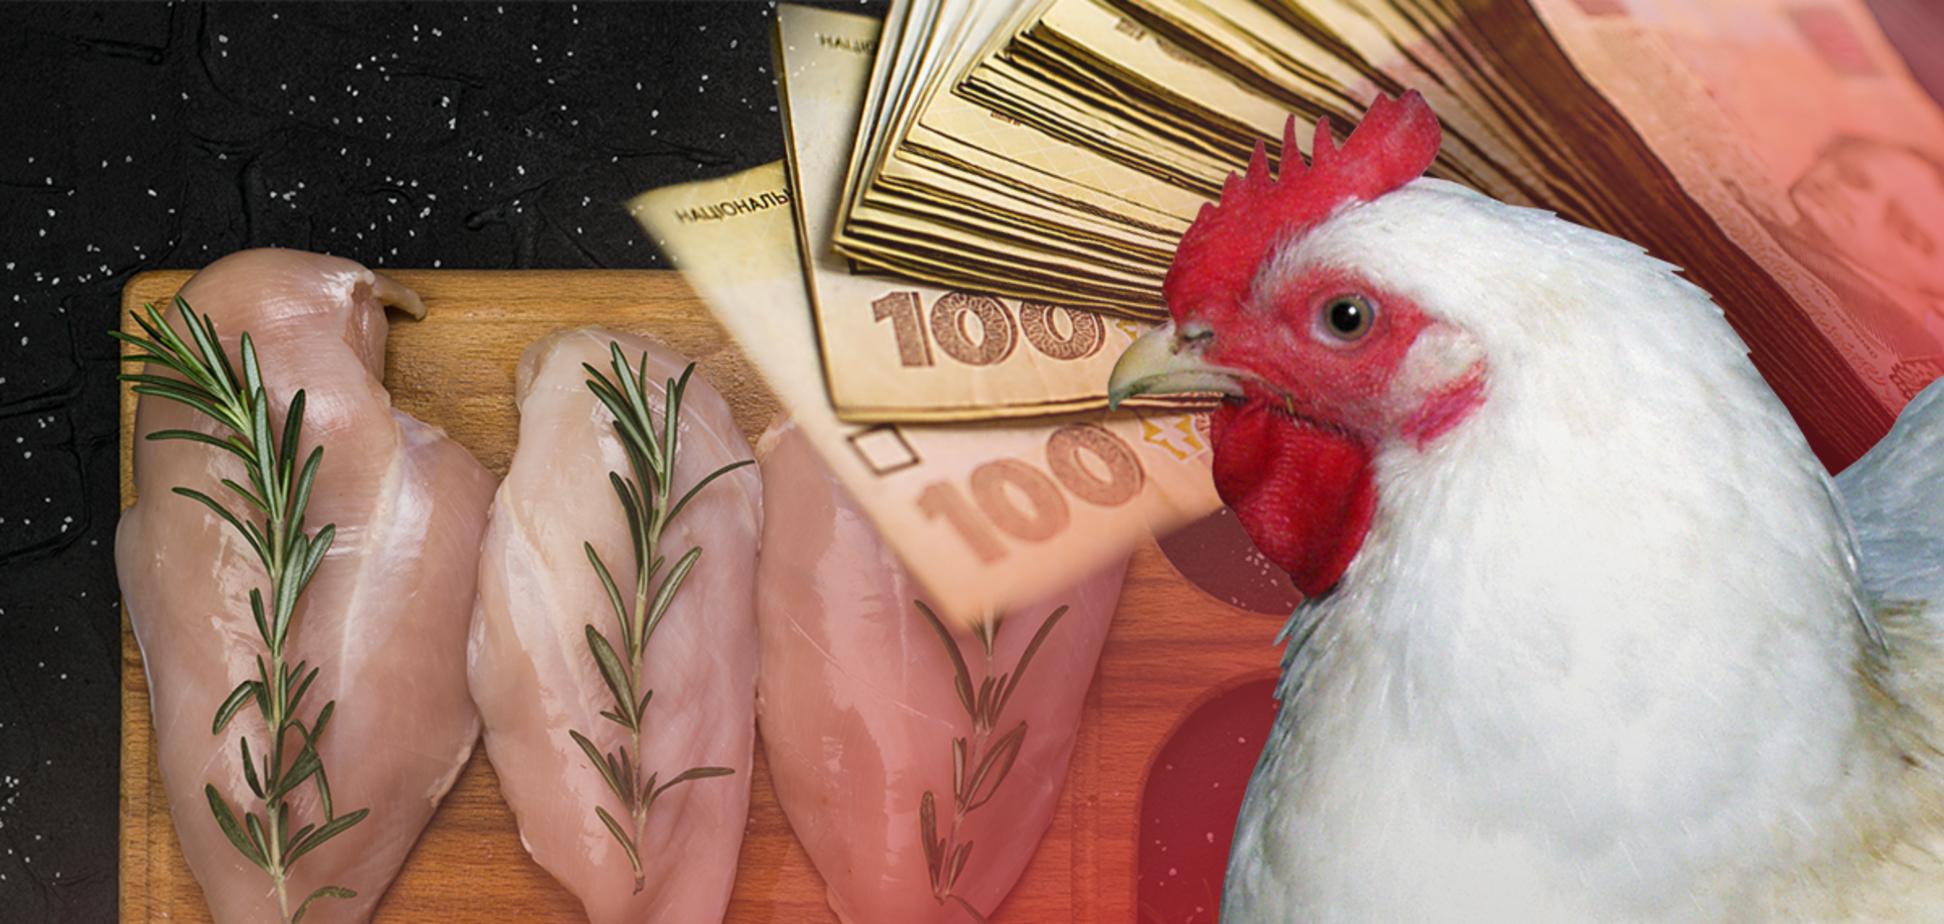 Экспортер курятины в Украине уклоняется от уплаты налогов